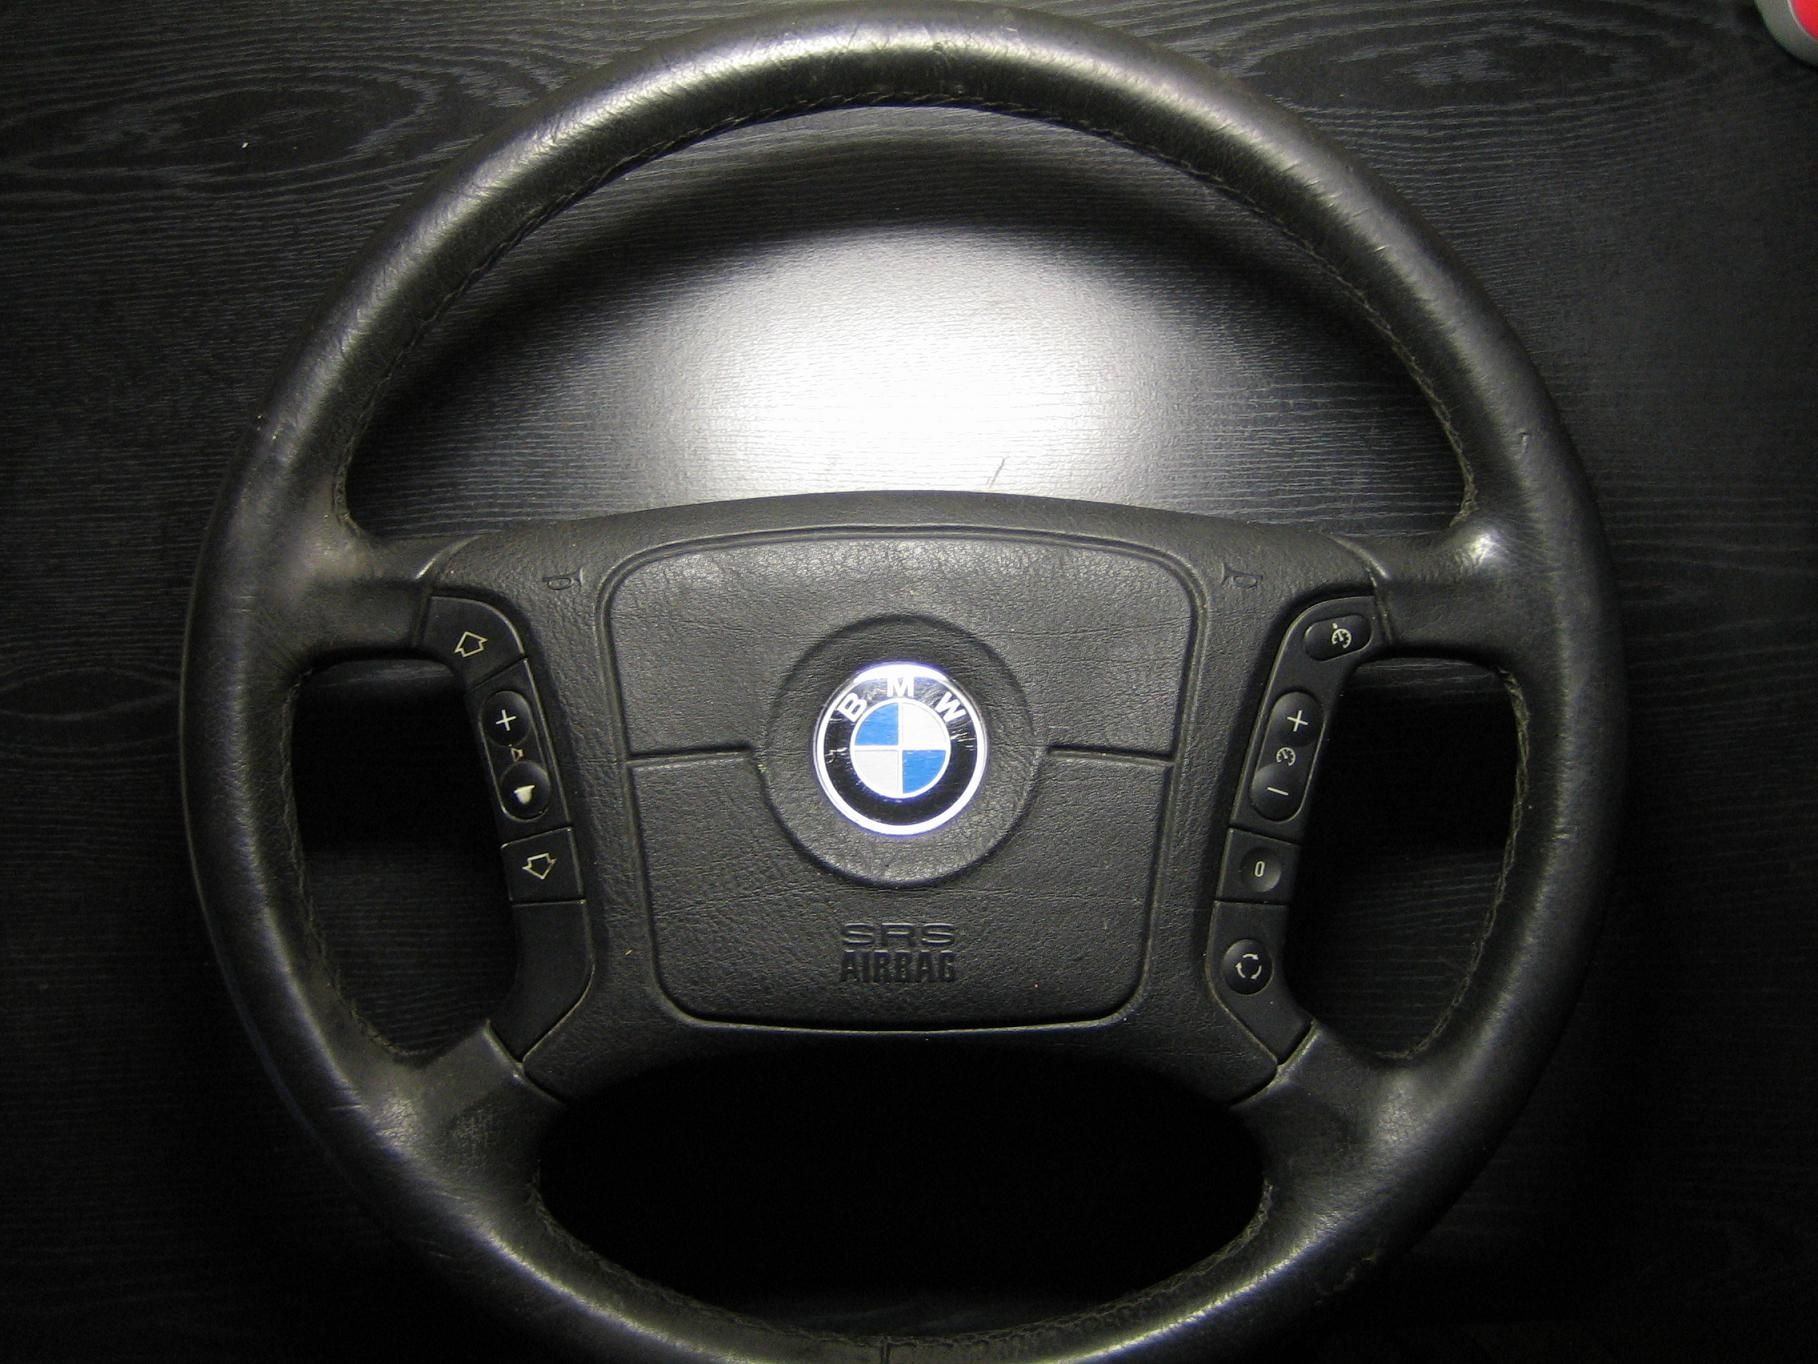 если менять руль на руль с кнопками будут работать bmw 7